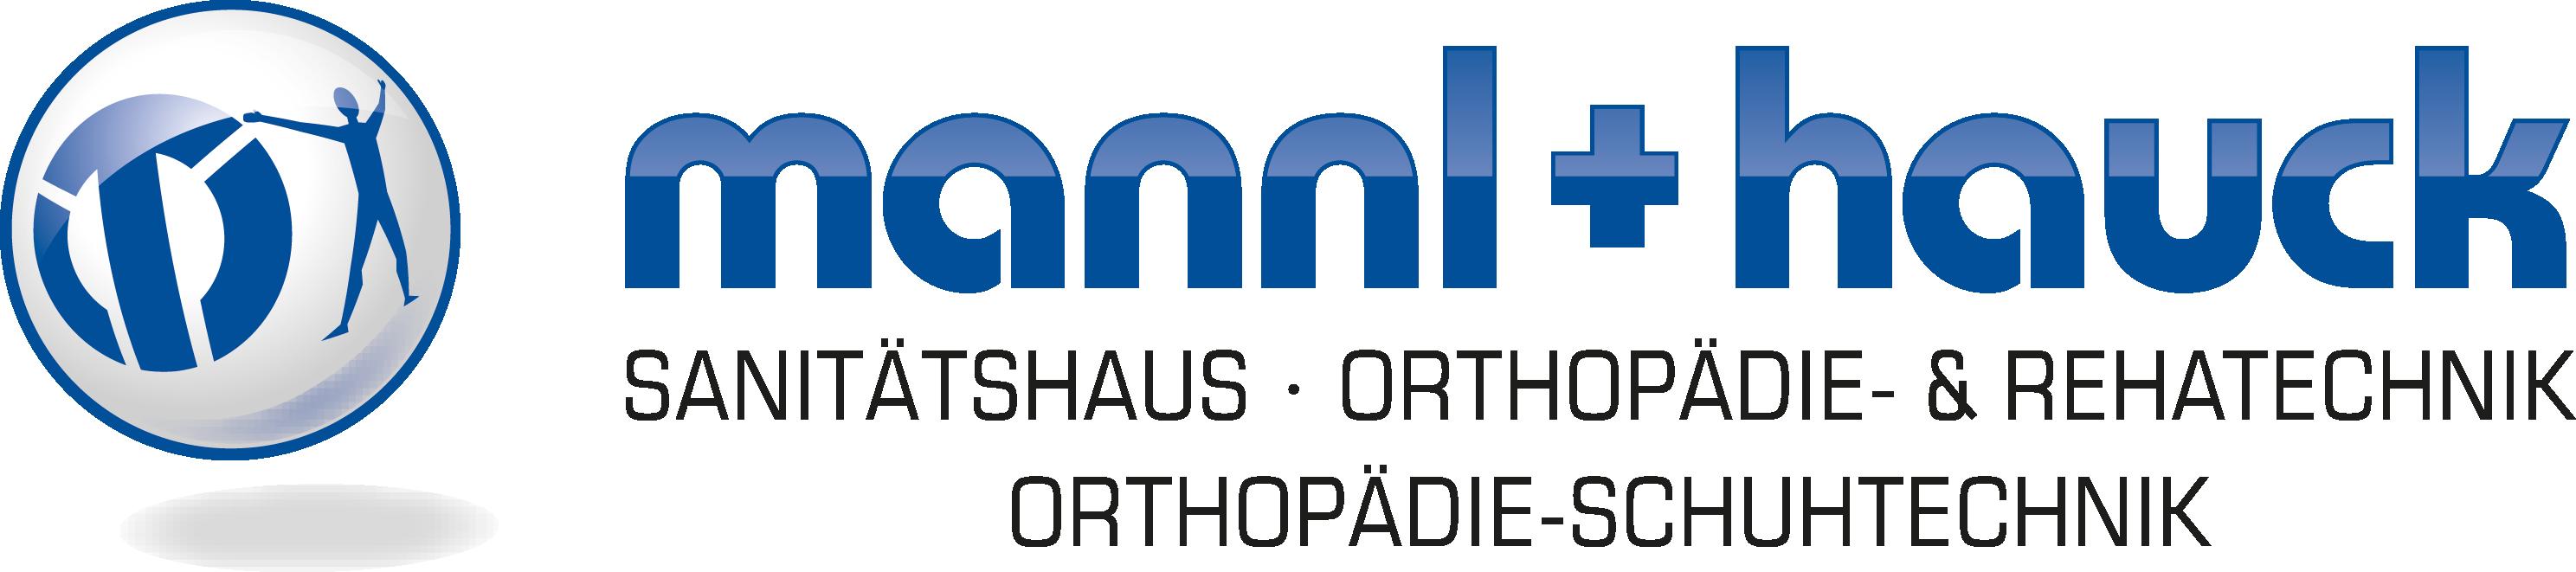 mannl_und_hauck_Logo